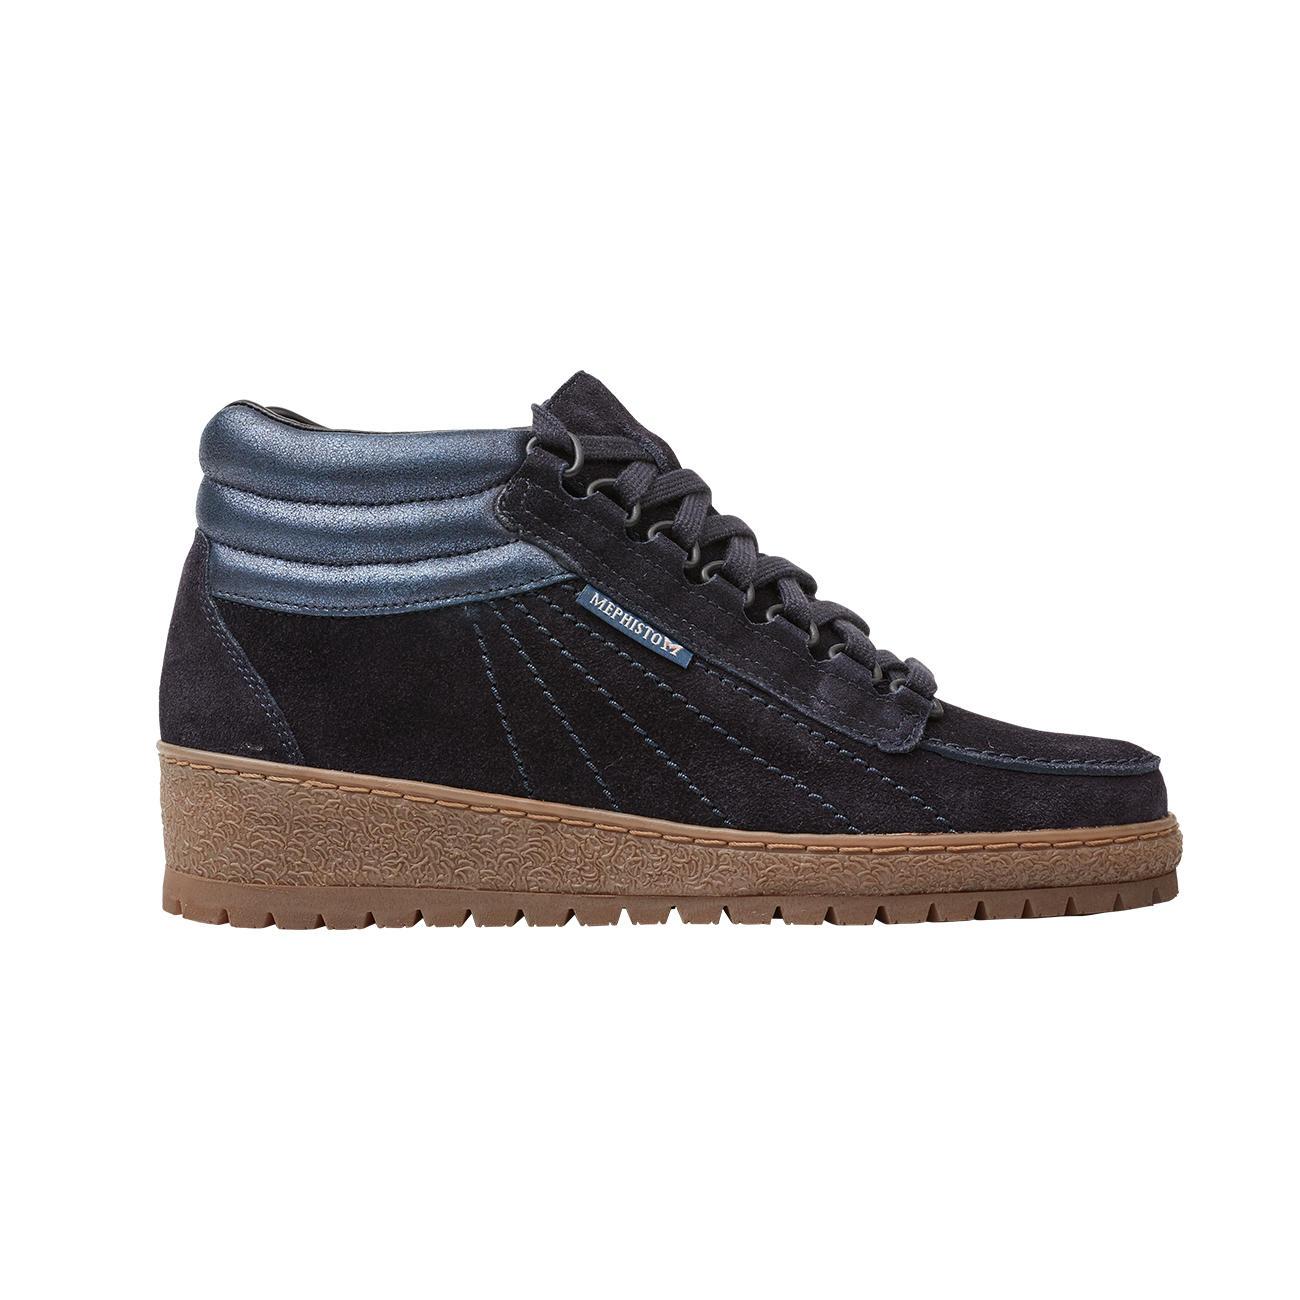 dada3b0ca1f Mephisto mocassin-sneakers Rainbow voor dames, blauw